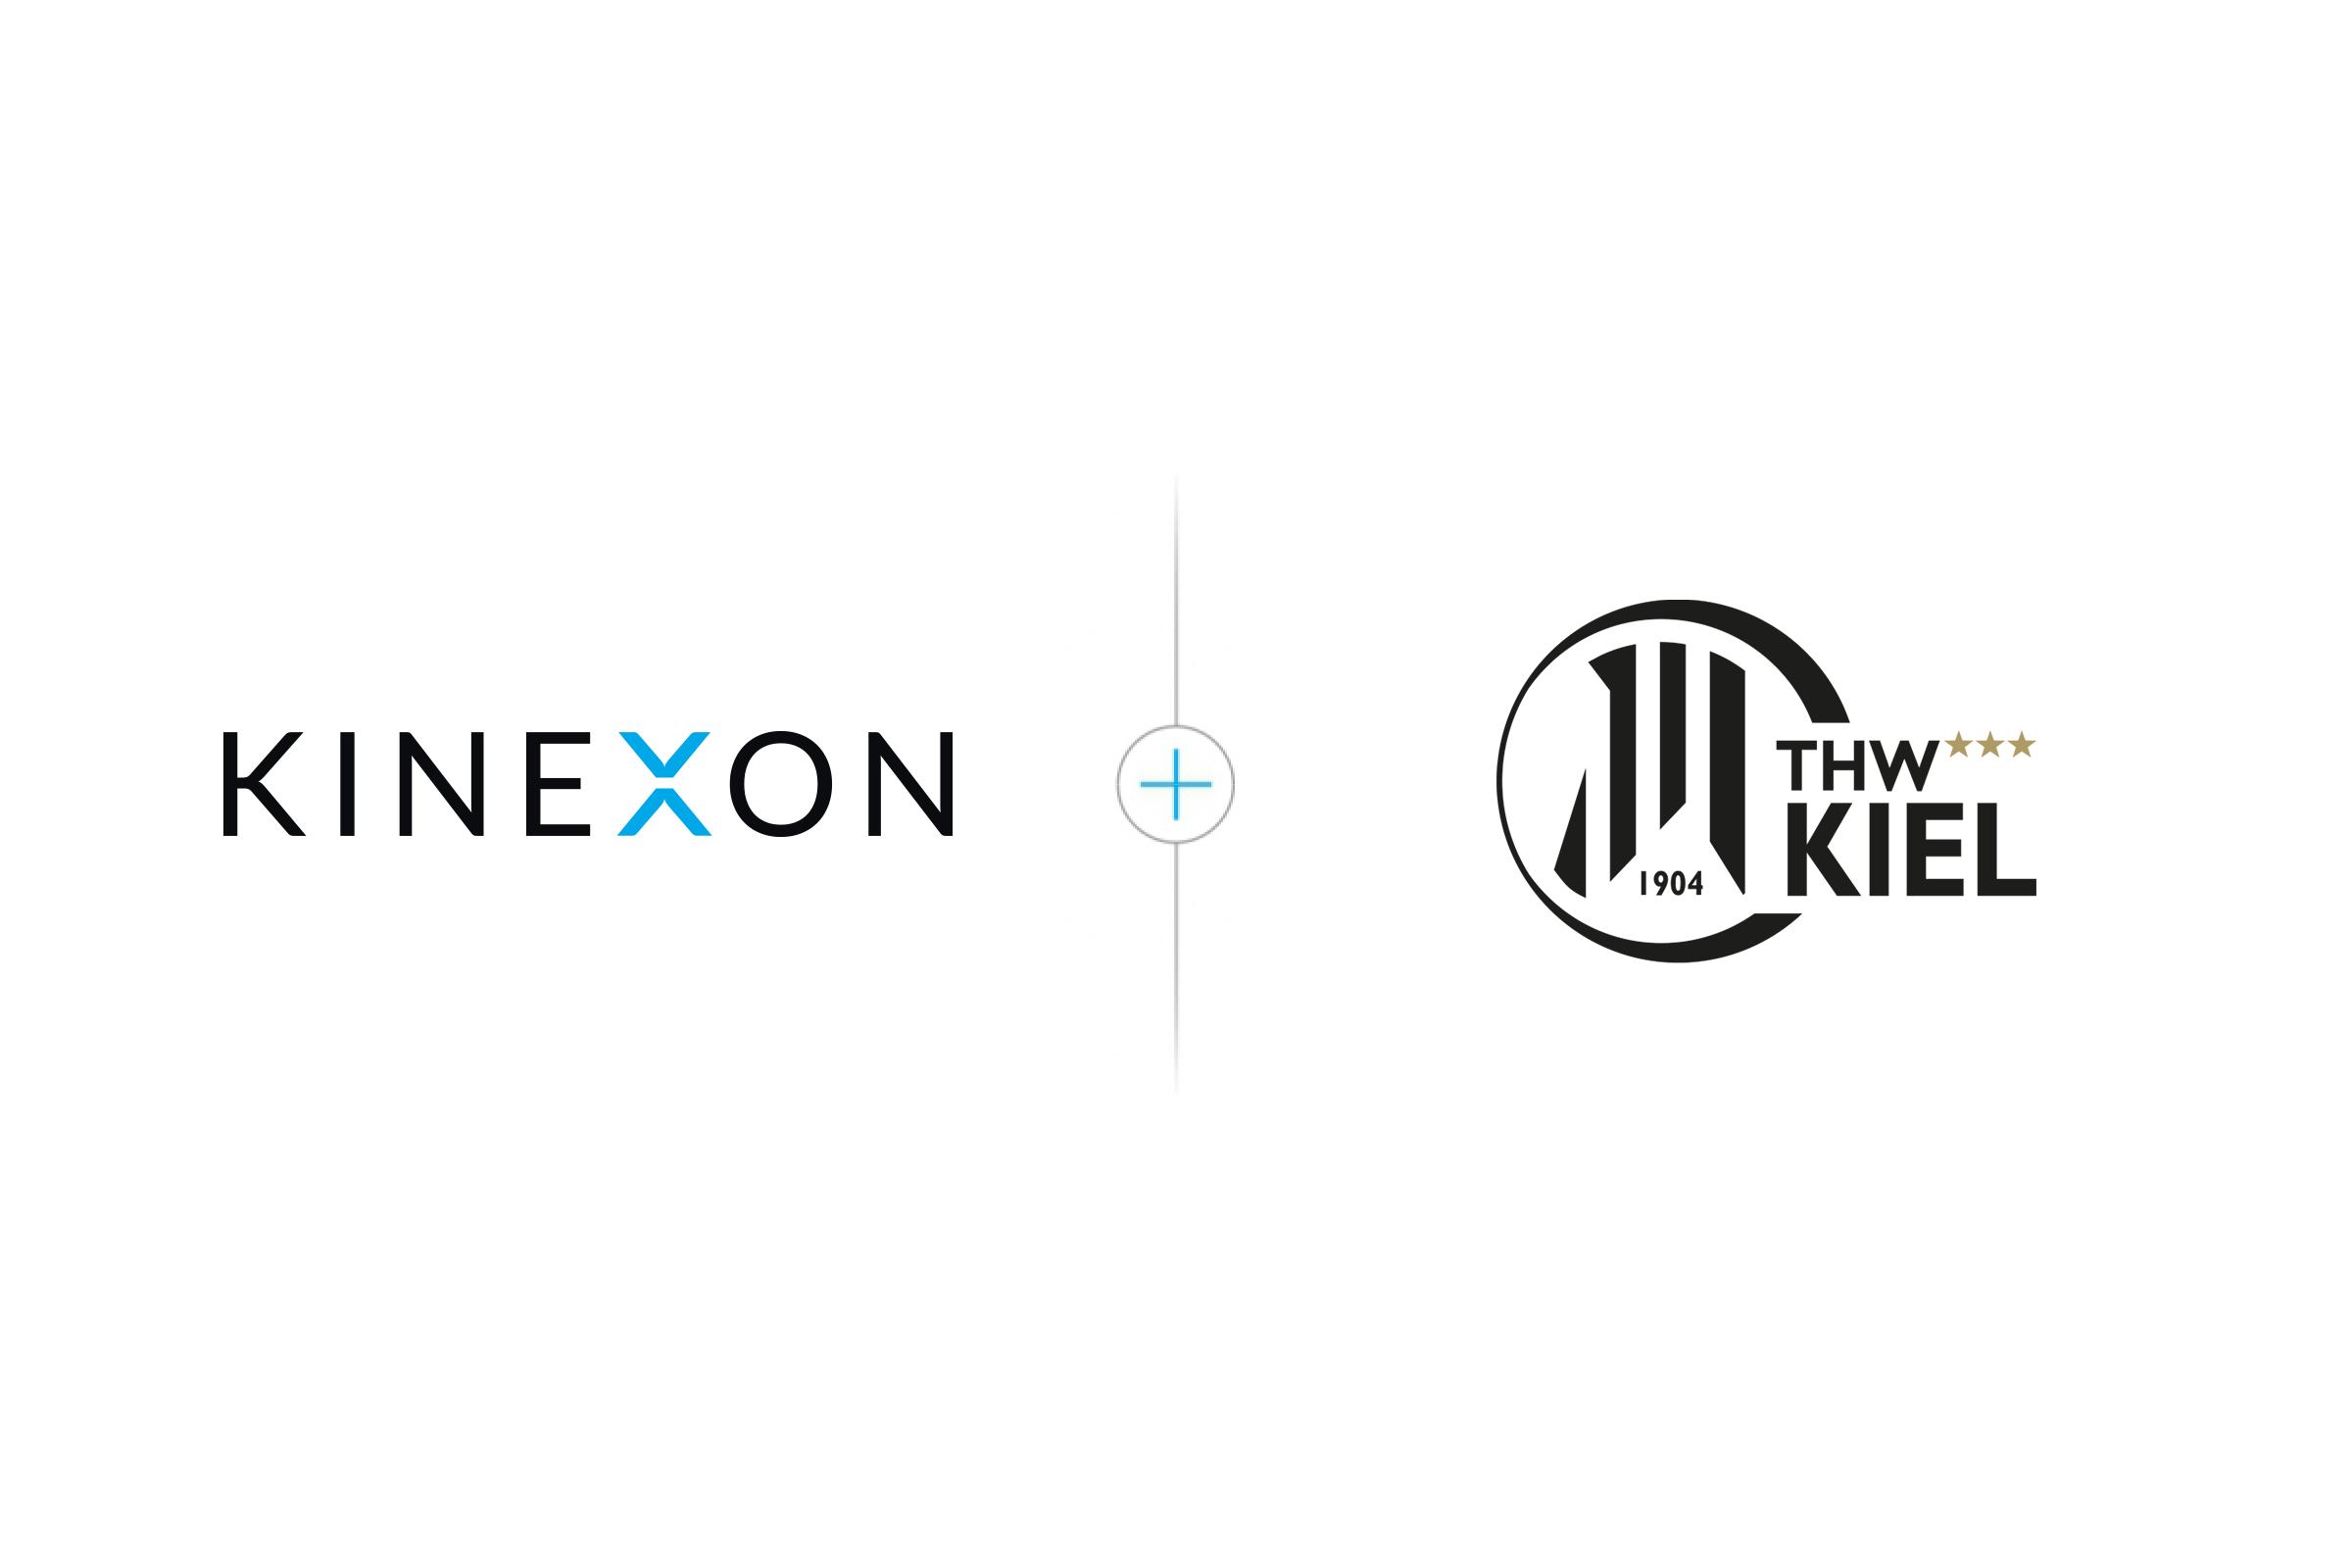 KINEXON X THW Kiel